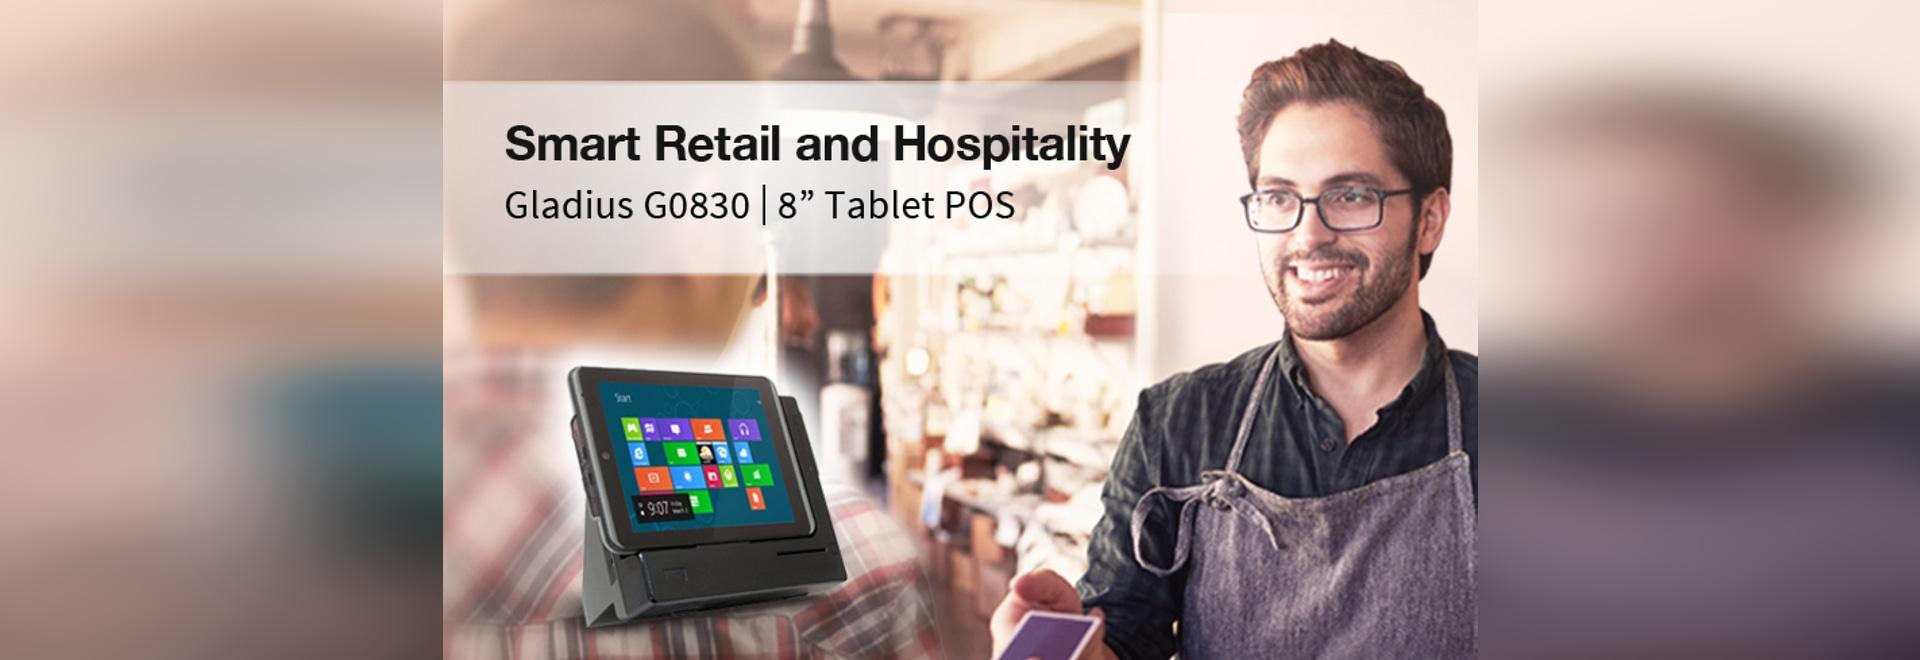 Fournir une expérience exceptionnelle de client de vente au détail, d'hospitalité et de l'entreposage futés